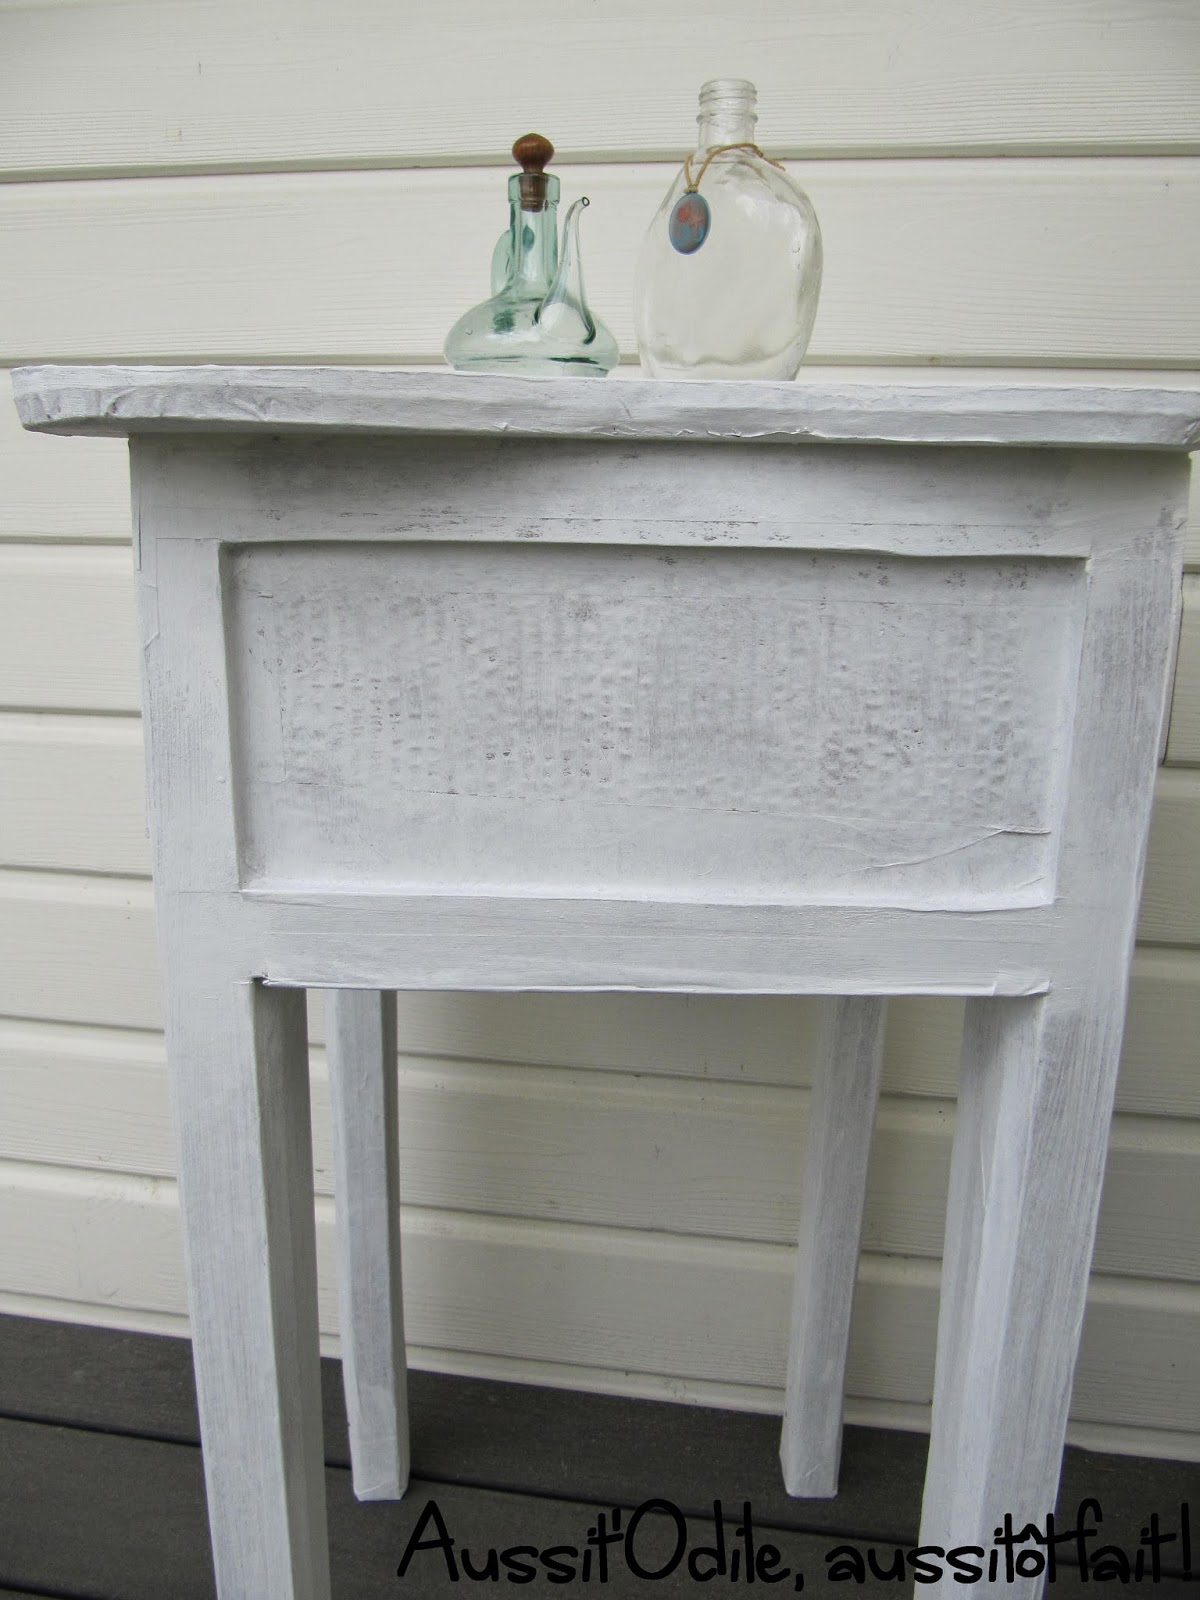 Aussit 39 odile aussit t fait un meuble qui cartonne for Meuble qui s emboite